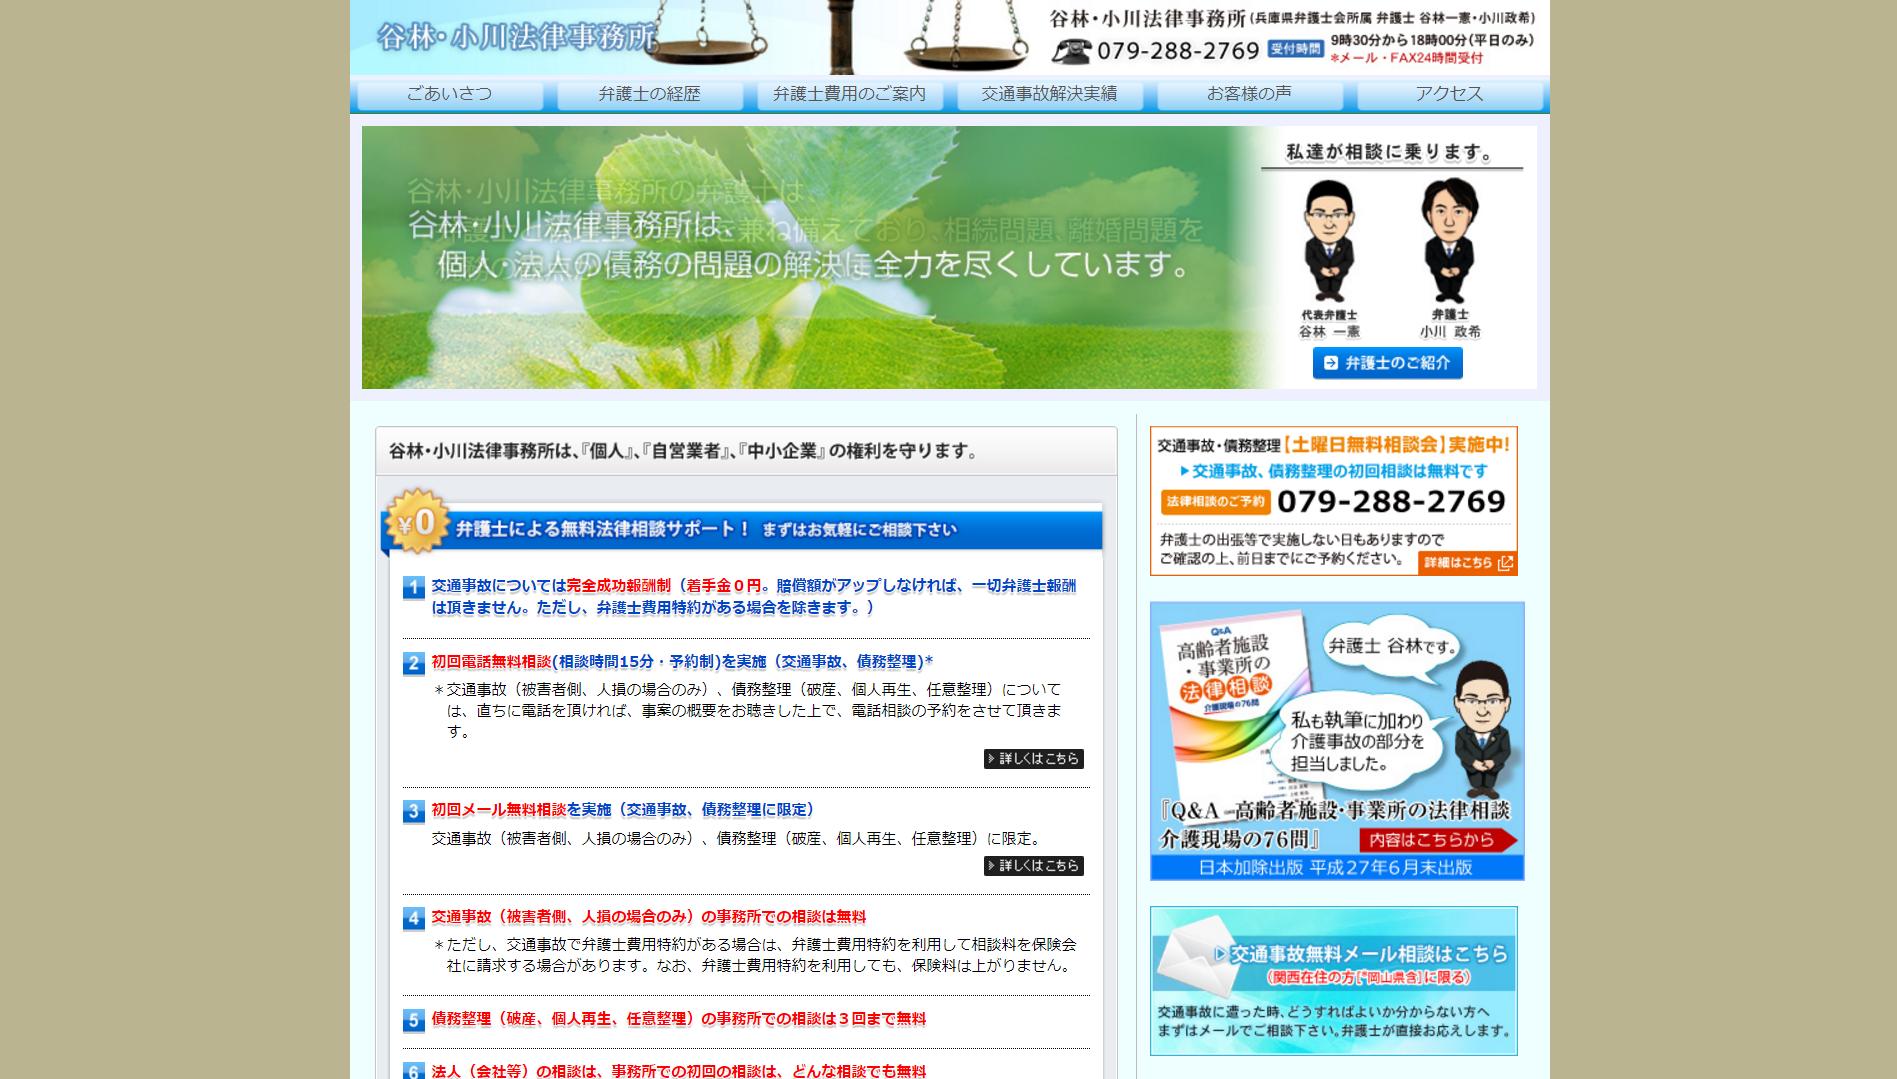 沼田谷林法律事務所